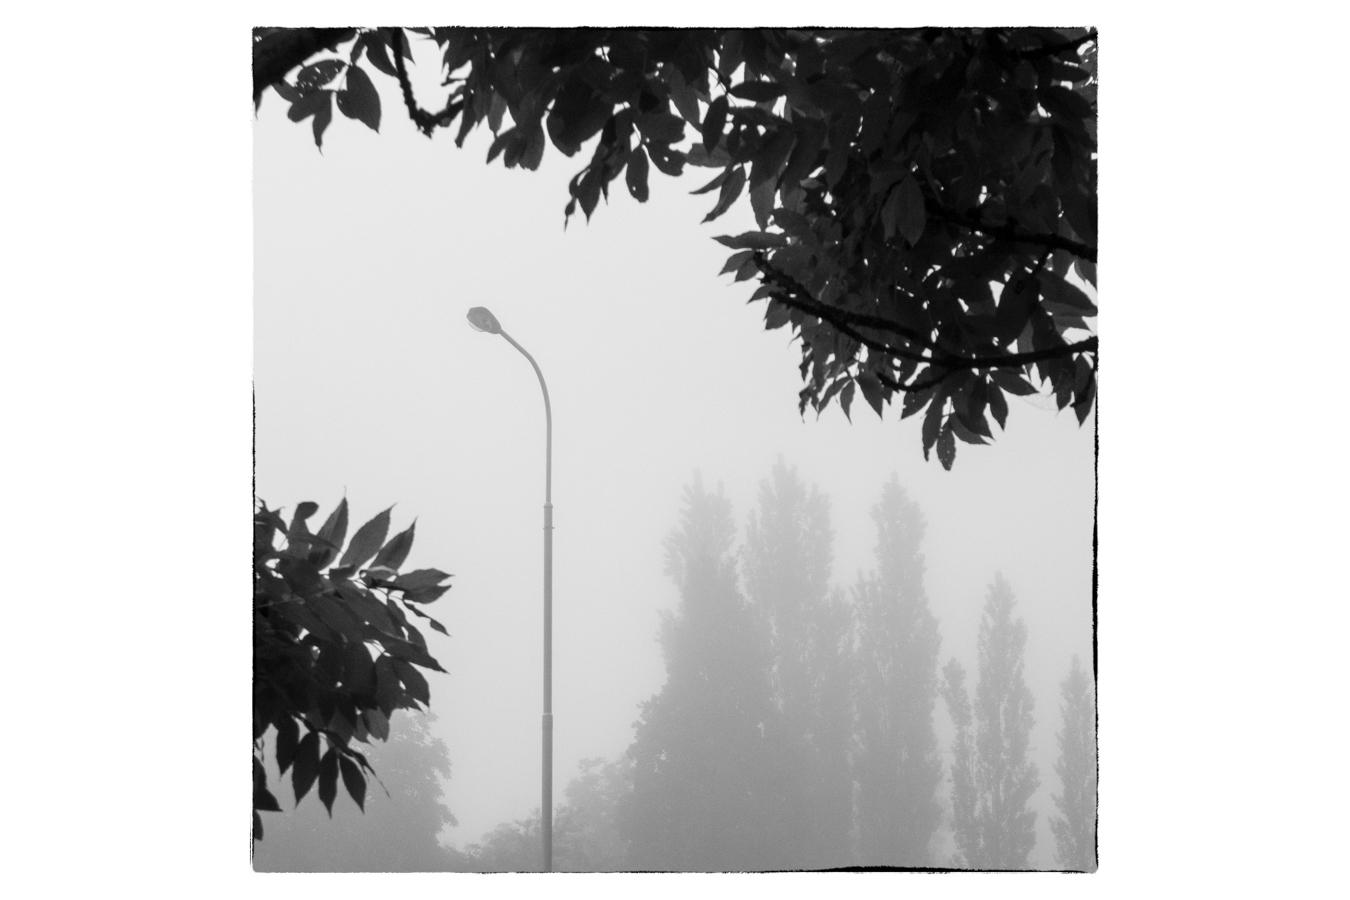 Tato fotografie sice obsahuje konkrétní předmět kompozičně umístěný ve zlatém řezu, ale je zřejmé, že se nejedná primárně o fotografii pouliční lampy. Motivem fotografie je světelná atmosféra a zajímavá kompozice.jpg